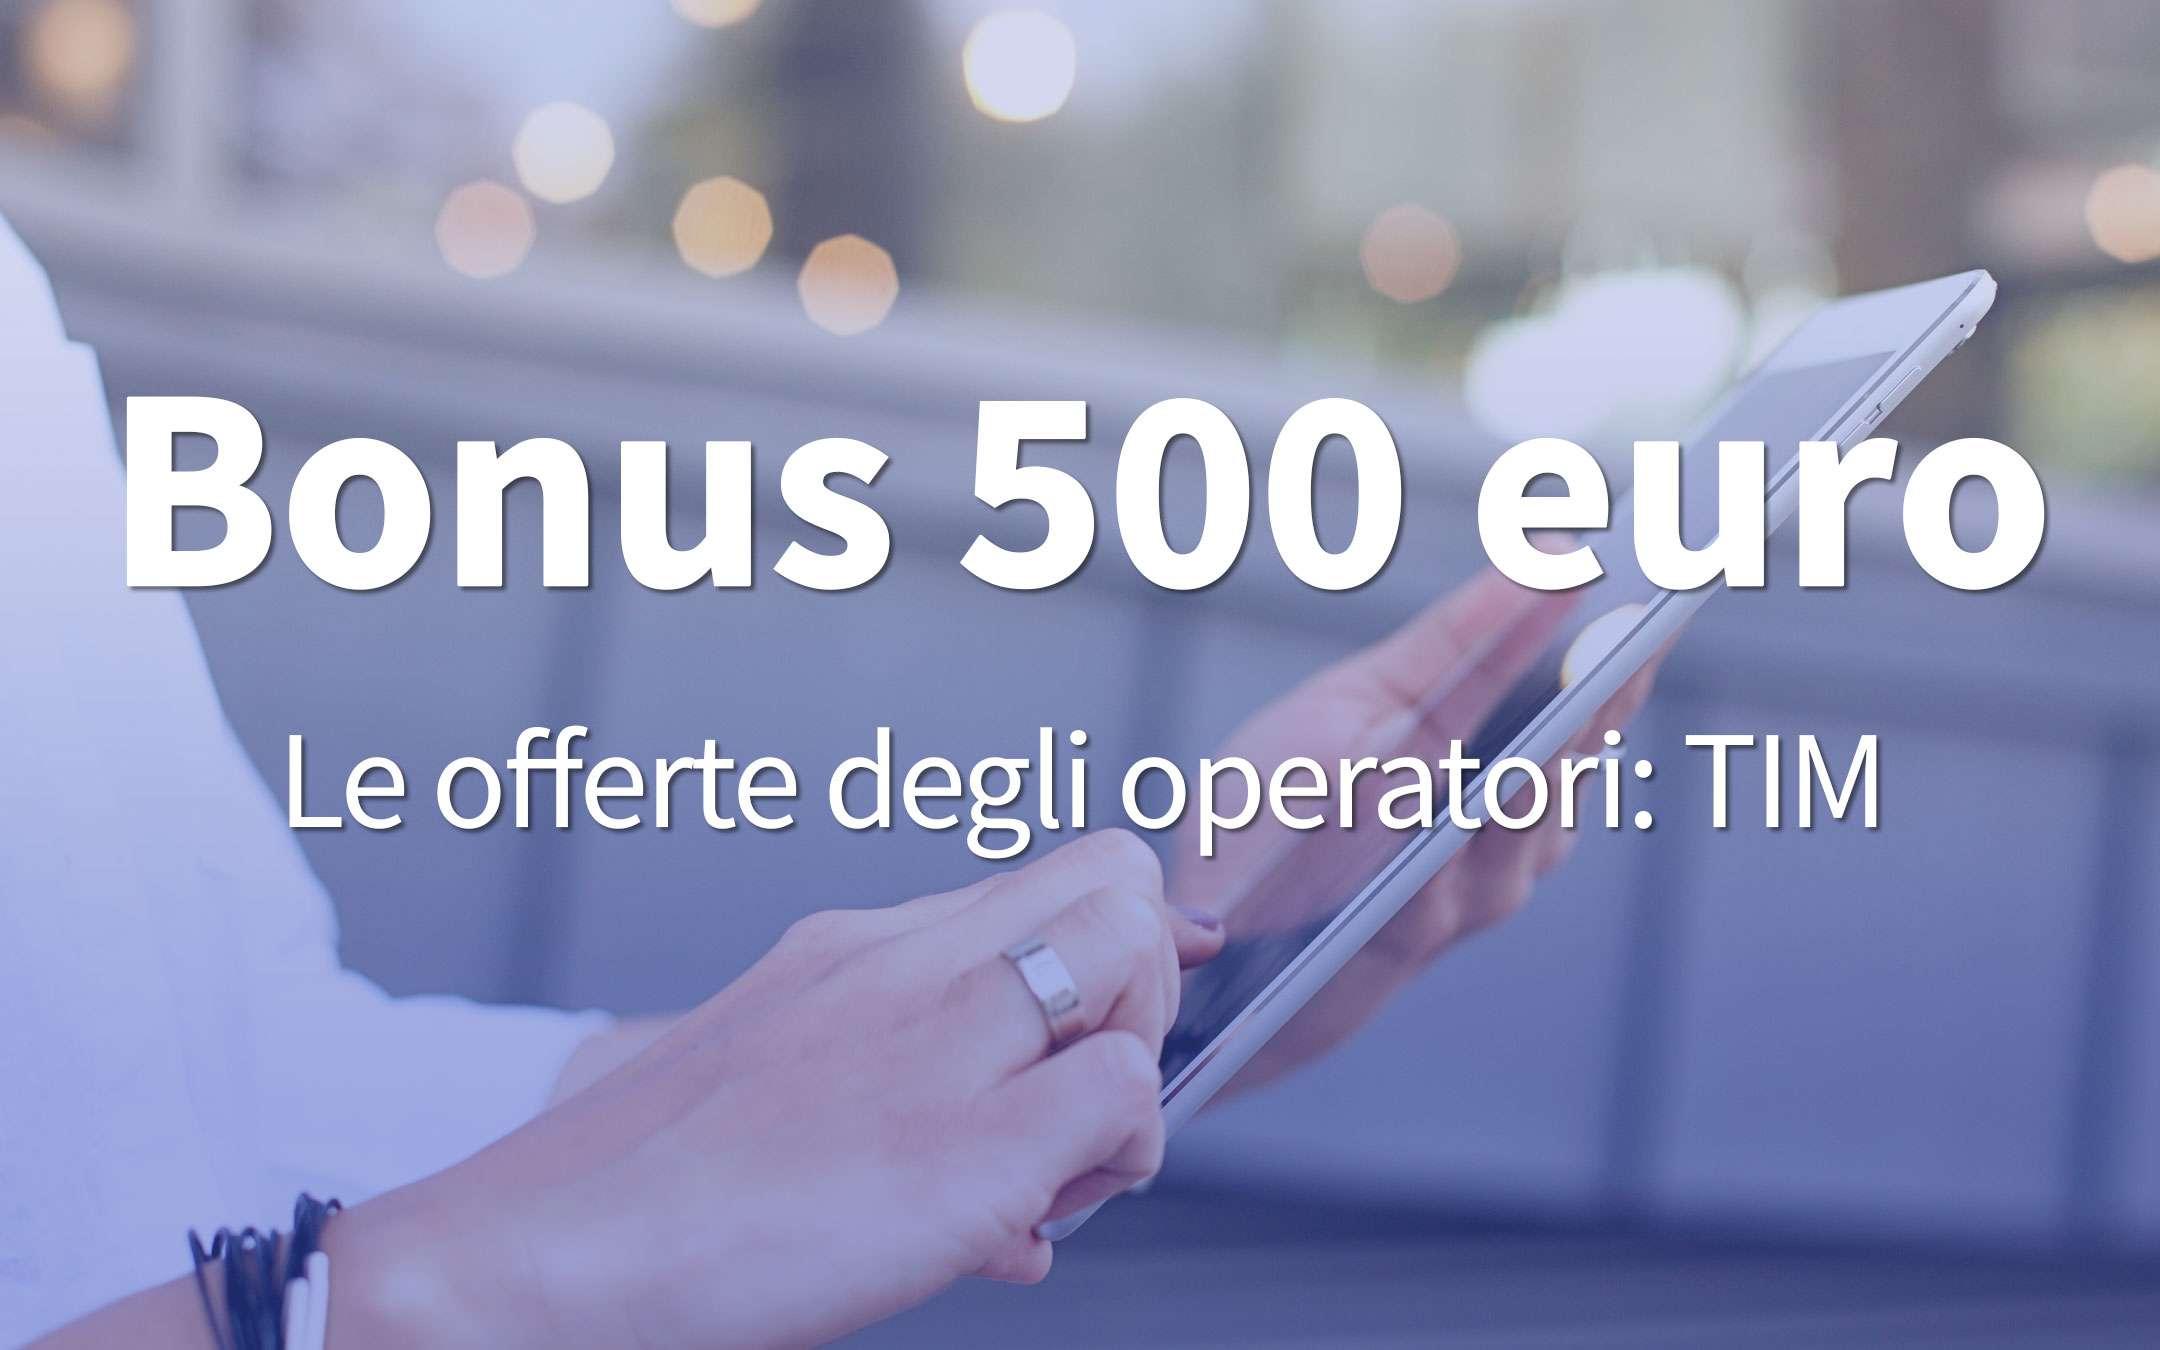 Bonus 500 euros: the TIM SUPER Voucher Fiber offer